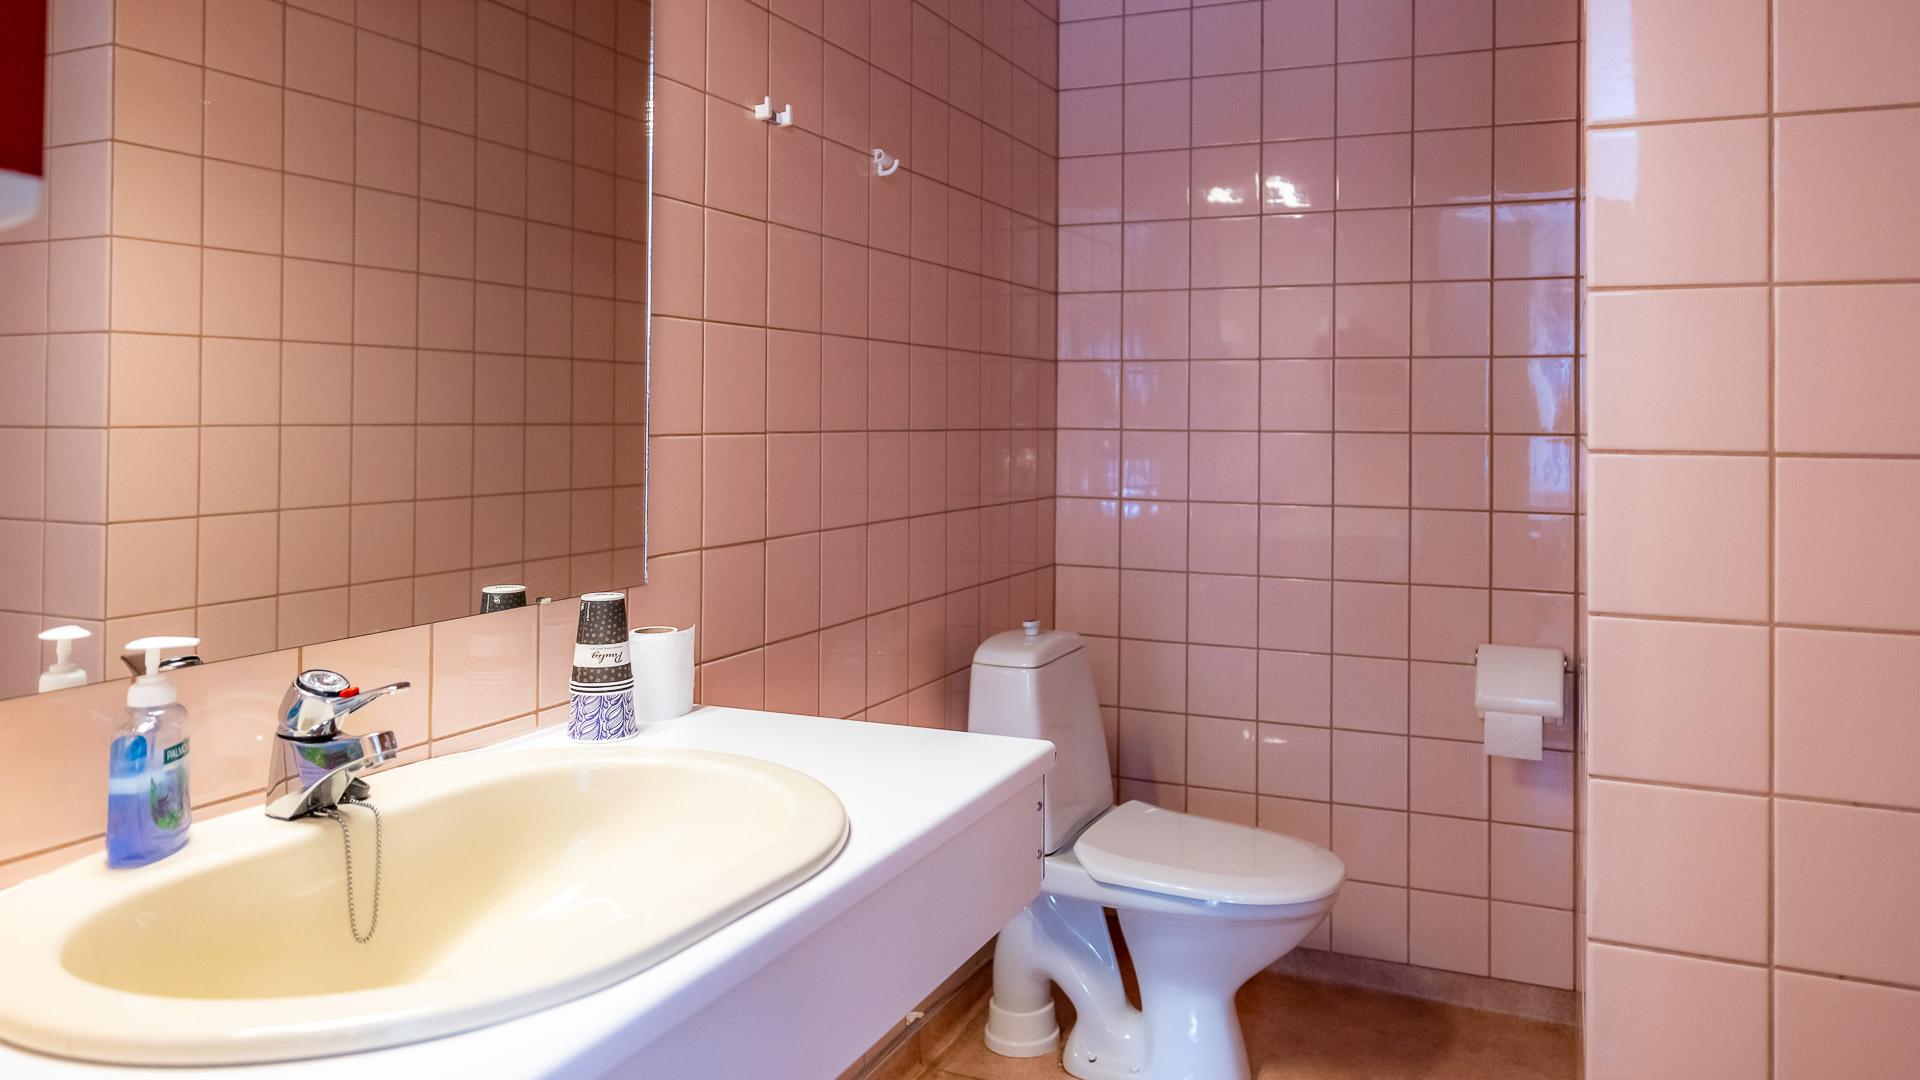 Hostelli Kuninkaanlähde Huone #1 WC